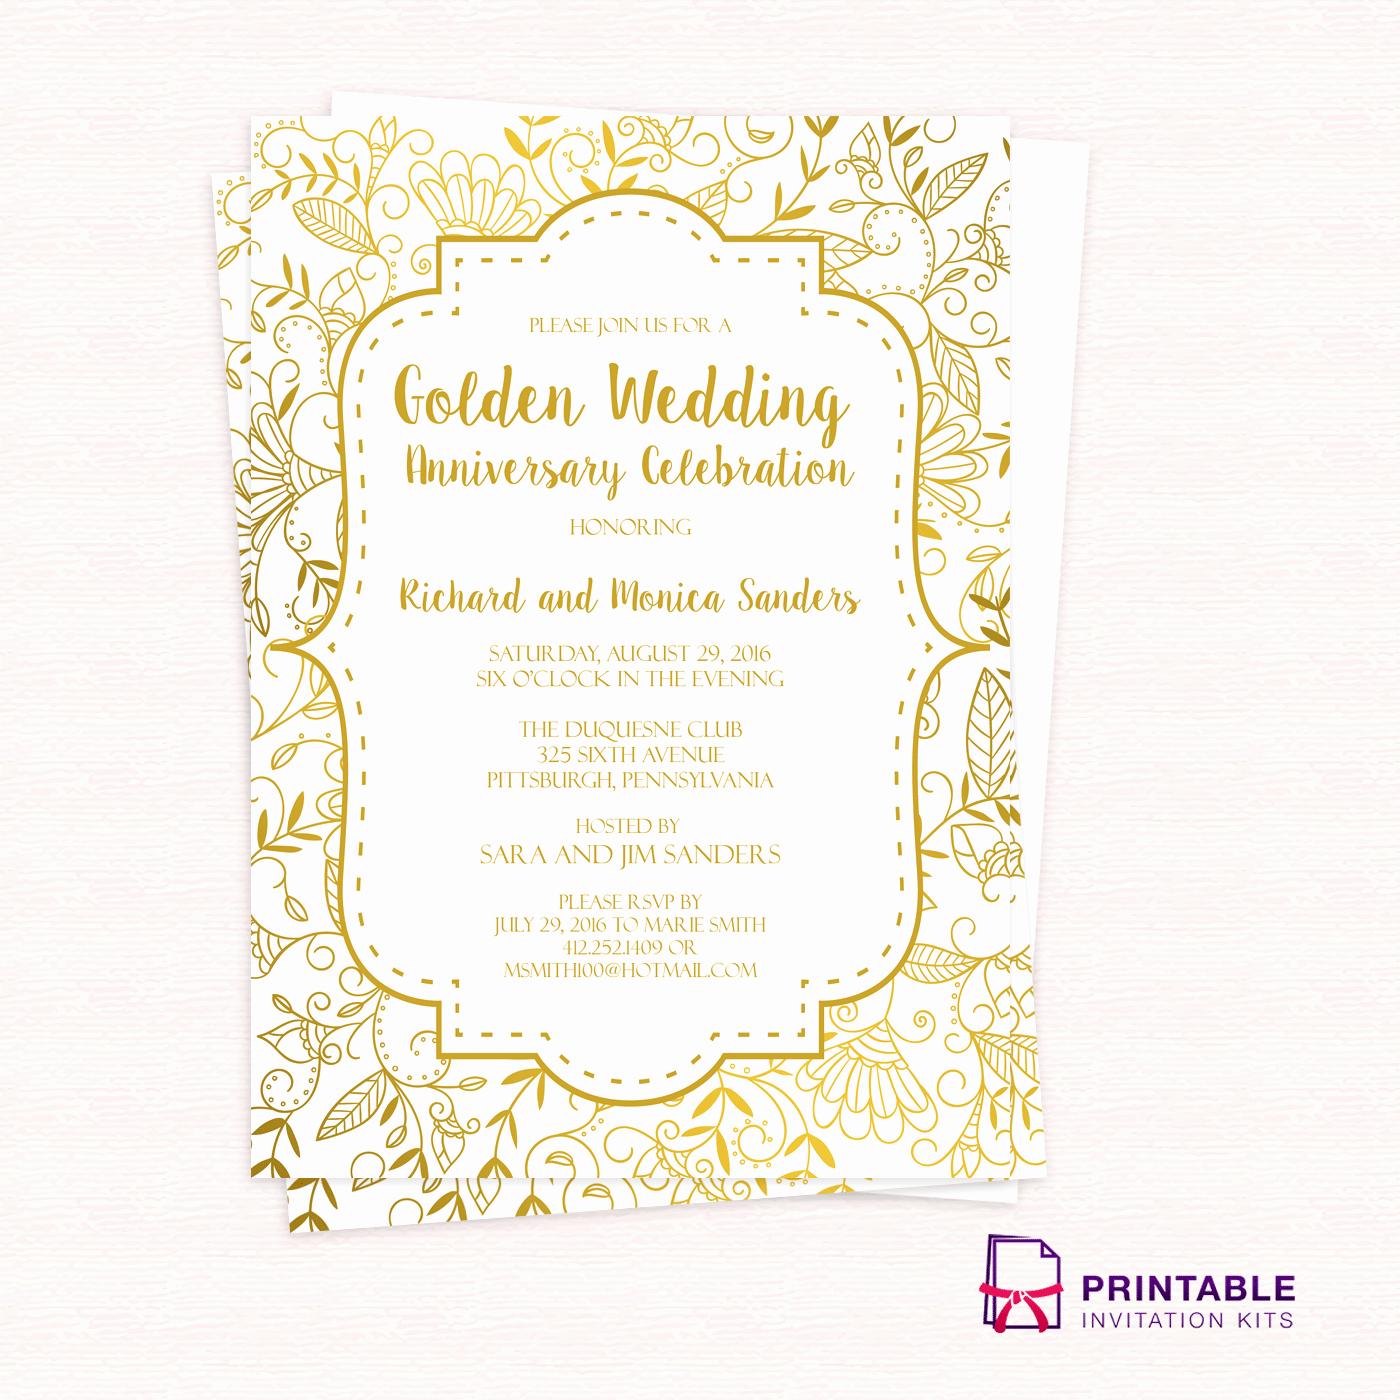 50th Anniversary Invitation Templates Unique Golden Wedding Anniversary Invitation Template